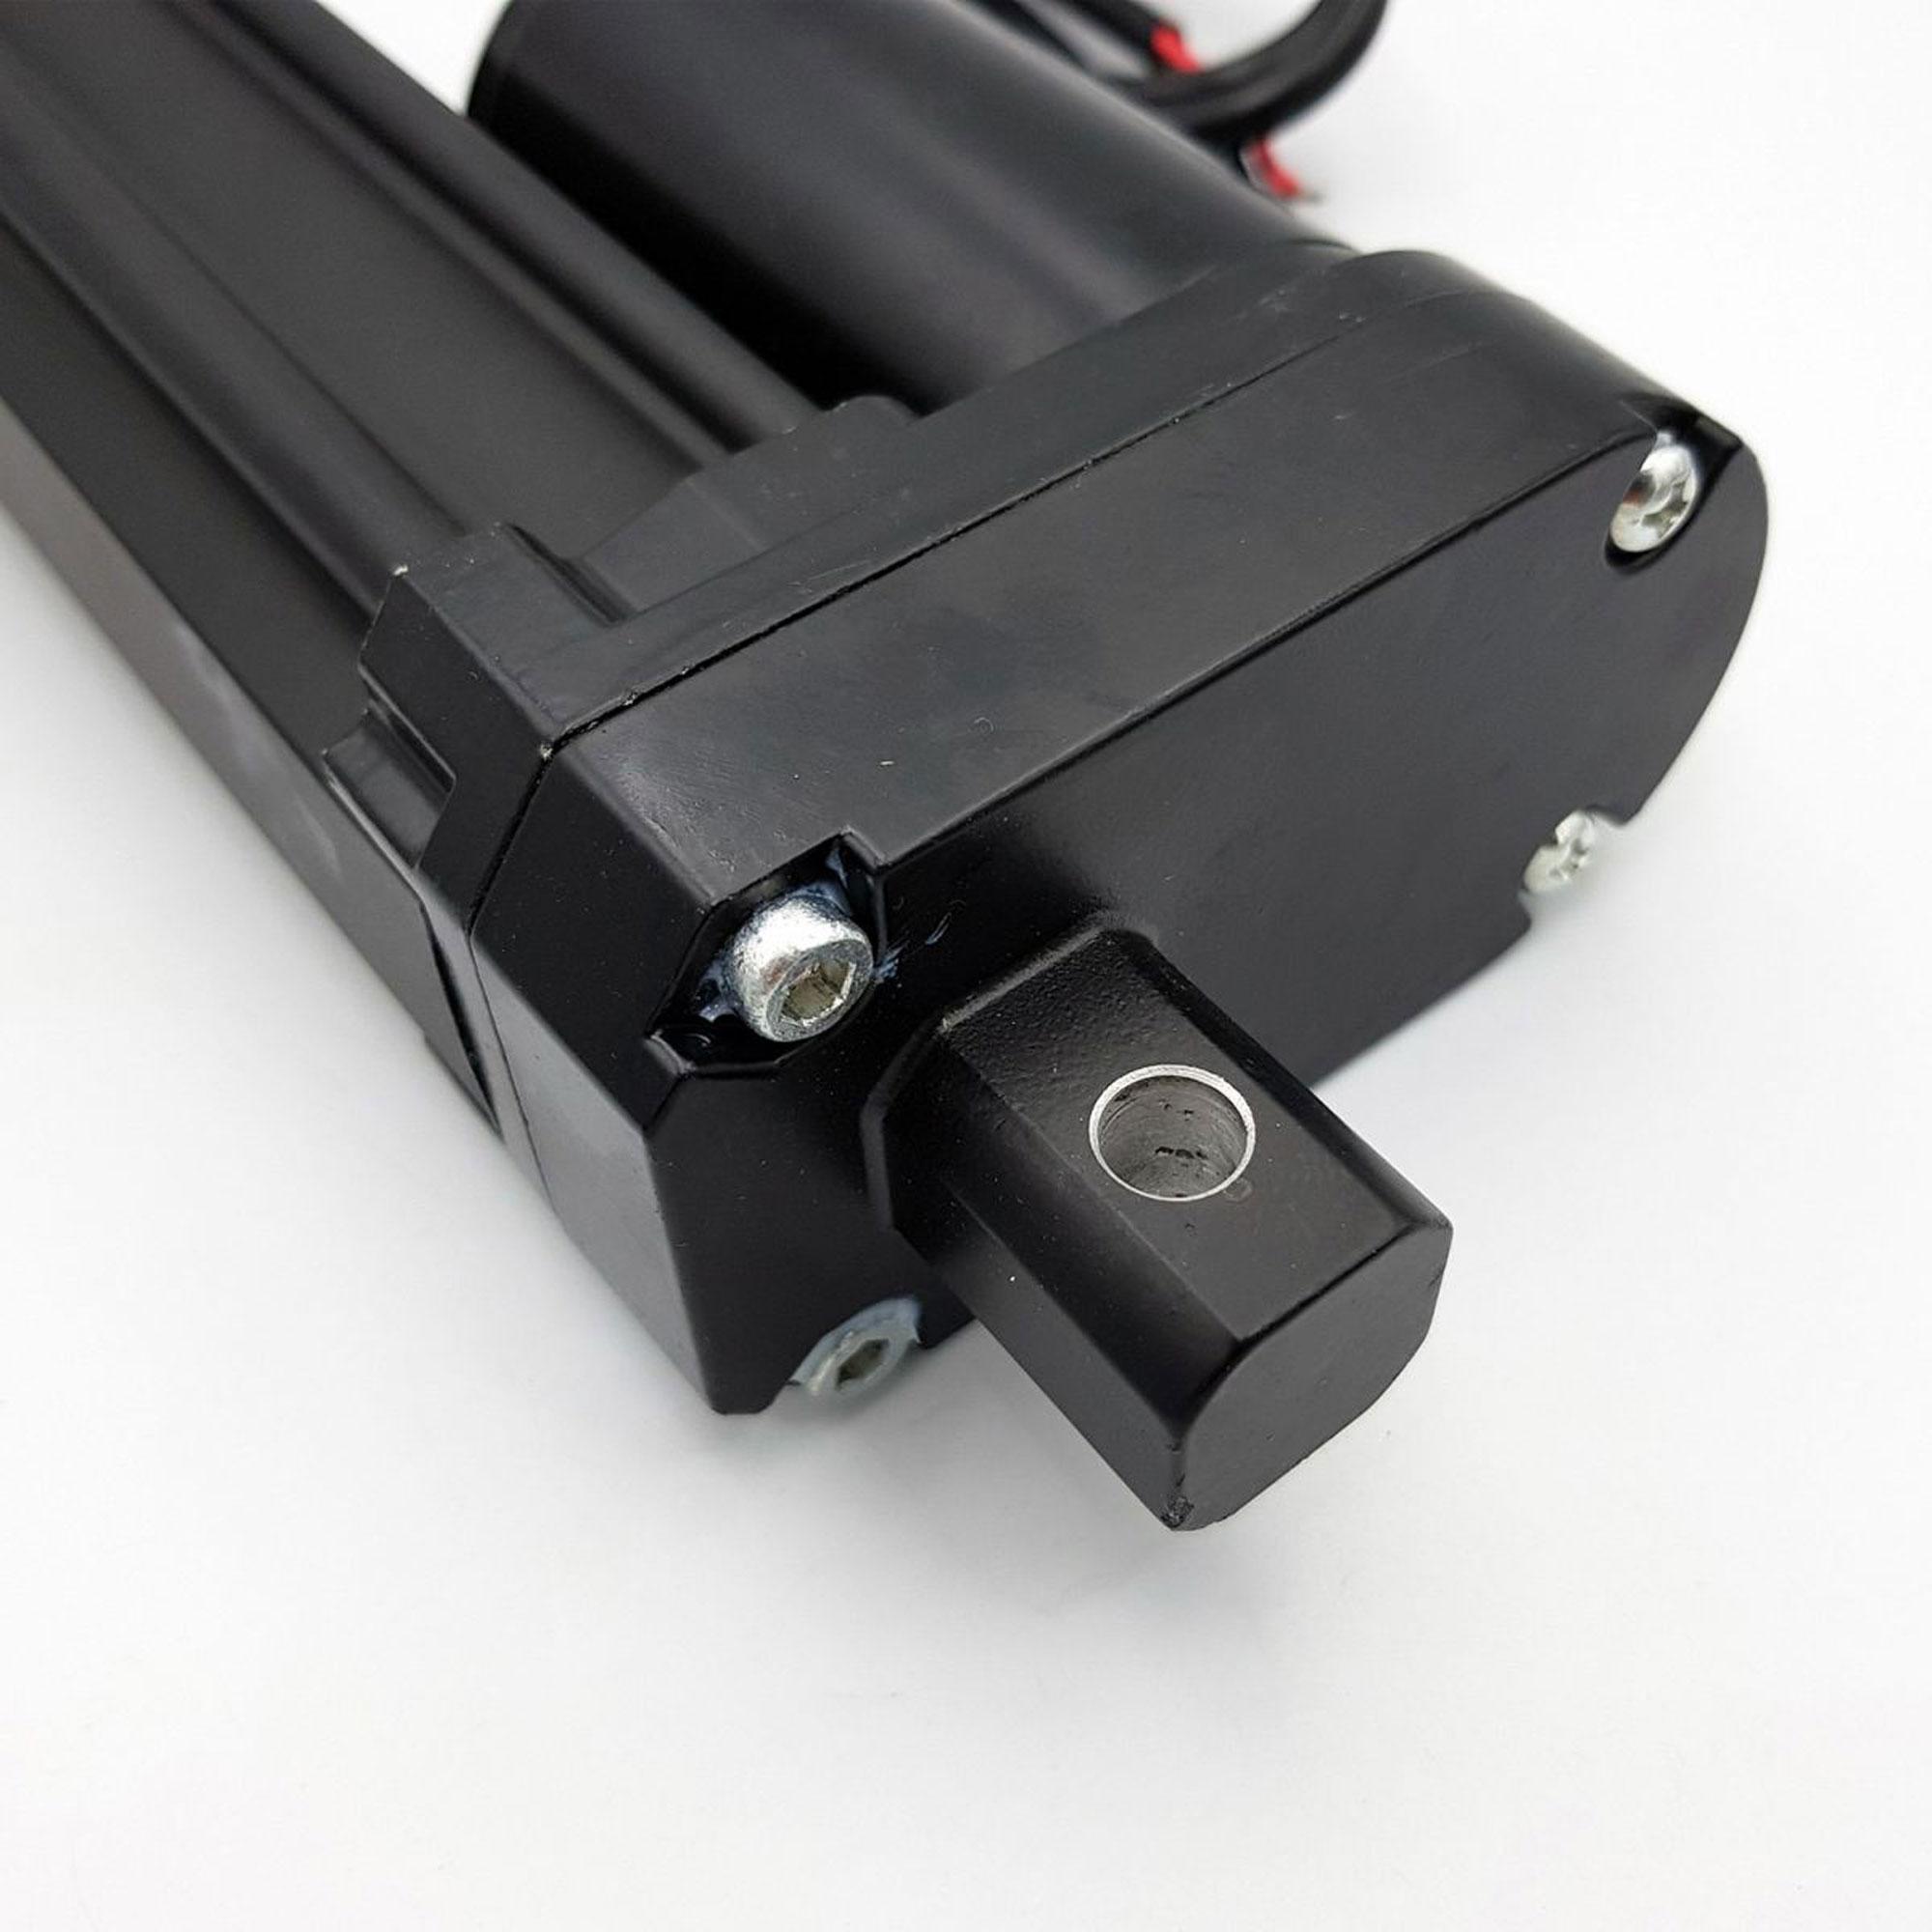 Phần chân Xi lanh điện 24V có lực nâng 2500N